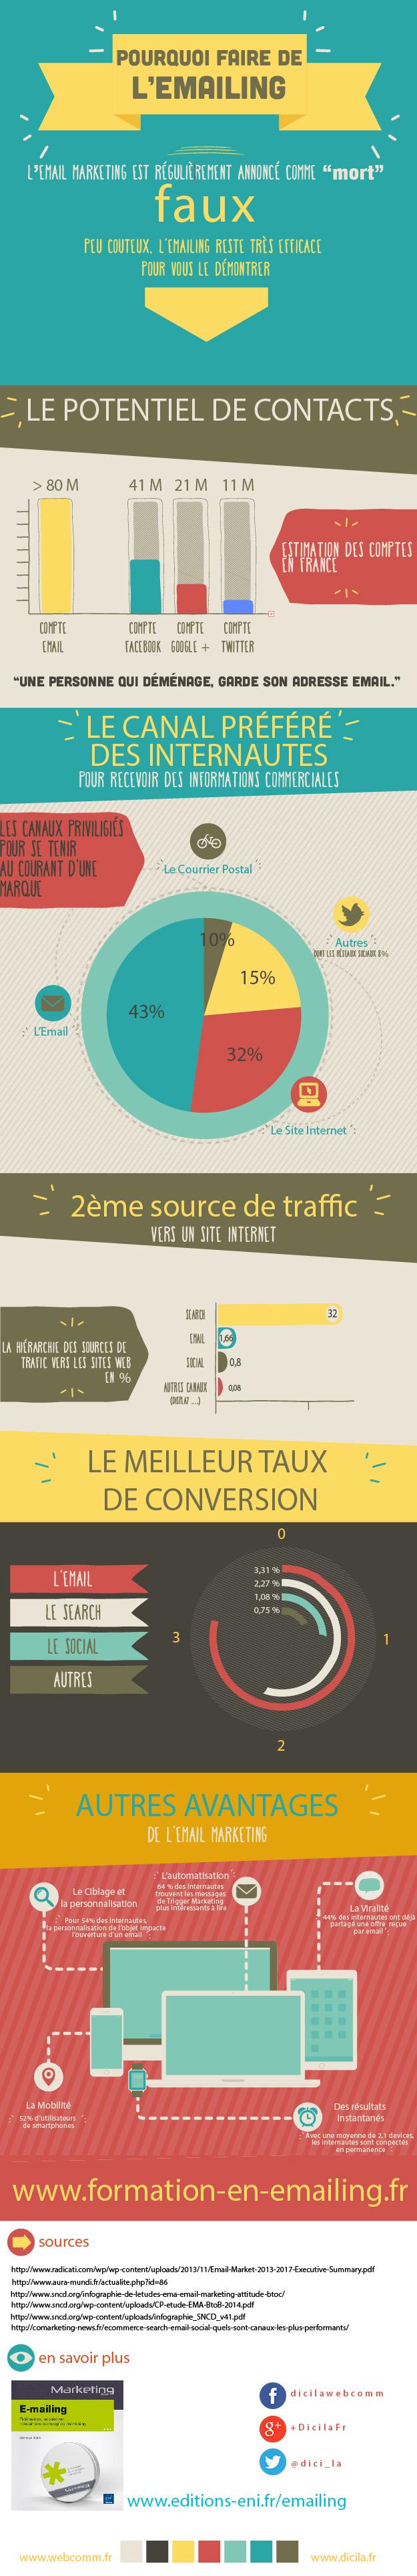 Infographie_pourquoi_faire_emailing_3